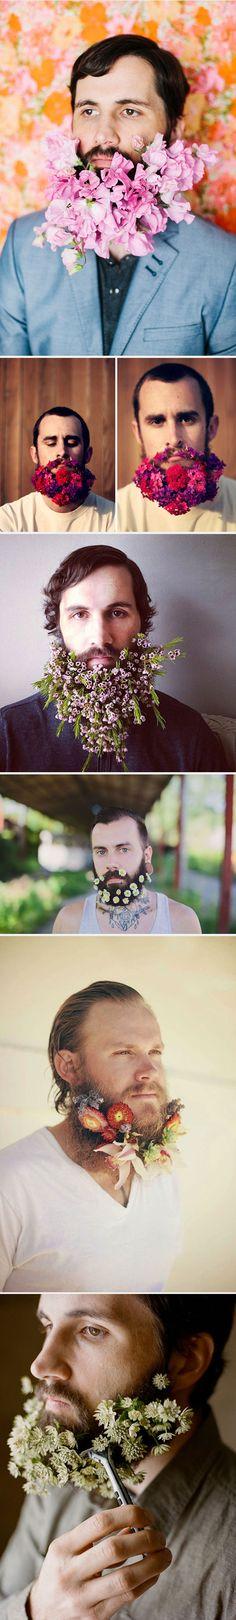 Men with flower beards